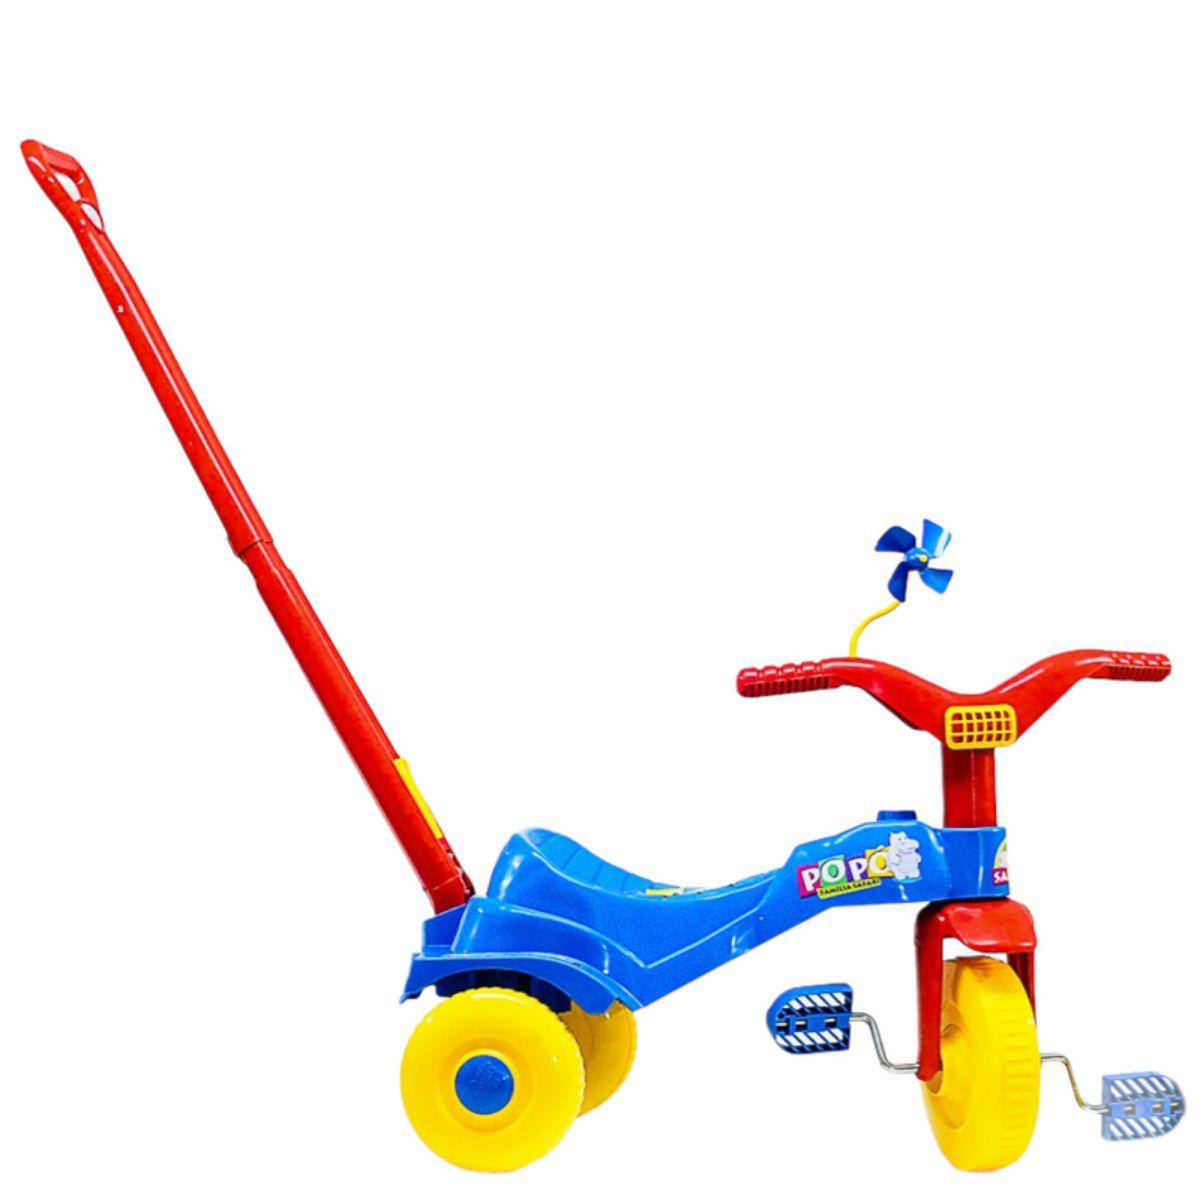 Triciclo Infantil Motoca Popó C/ Alça Tico Tico Vermelho Amarelo e Azul